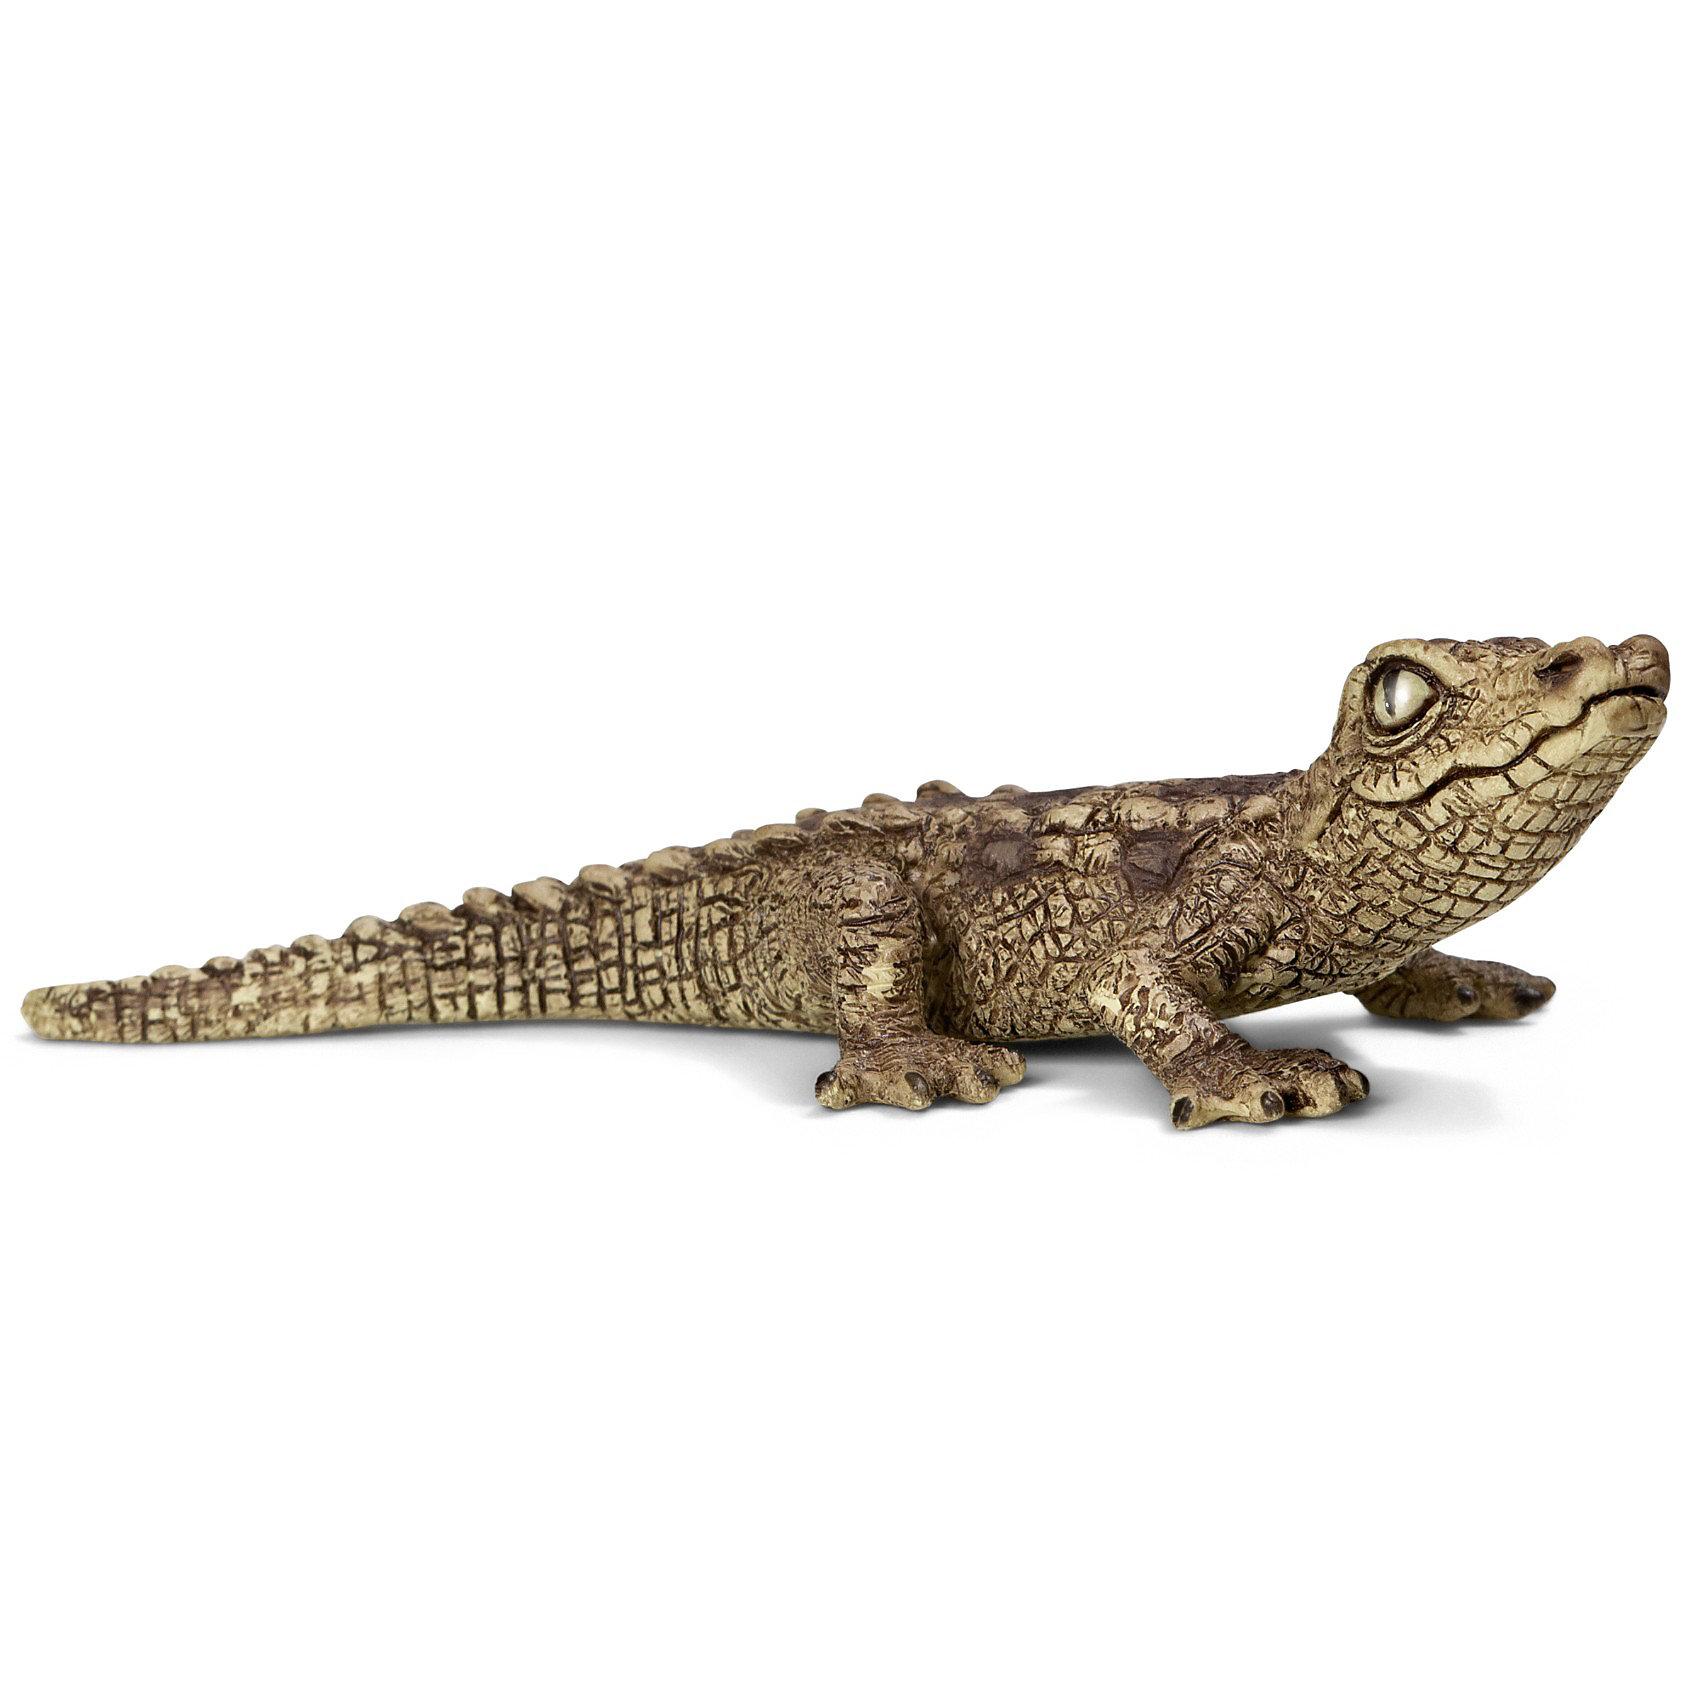 Schleich Крокодил, детеныш. Серия Дикие животныеSchleich (Шляйх) Крокодил, детеныш. Серия Дикие животные. Крокодилы являются крупнейшими рептилиями, обитающими в болотах, в которых они подстерегают свою добычу. Мощный хвост крокодила помогает ему легко двигаться как по суше, так и в воде. Интересно, что крокодил может жить до 100 лет.<br><br>Дополнительная информация:<br><br>-размеры (ДхШхВ): 2,7х5,3х13 см<br>-изготовлено из безопасного пластика<br><br>Фигурка из серии Дикие животные - это отличный подарок ребенку, который позволит рассказать и наглядно продемонстрировать разнообразие животного мира.<br><br>Игрушку Schleich (Шляйх) Крокодил, детеныш. Серия Дикие животные можно купить в нашем магазине.<br><br>Ширина мм: 61<br>Глубина мм: 50<br>Высота мм: 20<br>Вес г: 5<br>Возраст от месяцев: 36<br>Возраст до месяцев: 96<br>Пол: Унисекс<br>Возраст: Детский<br>SKU: 2609259